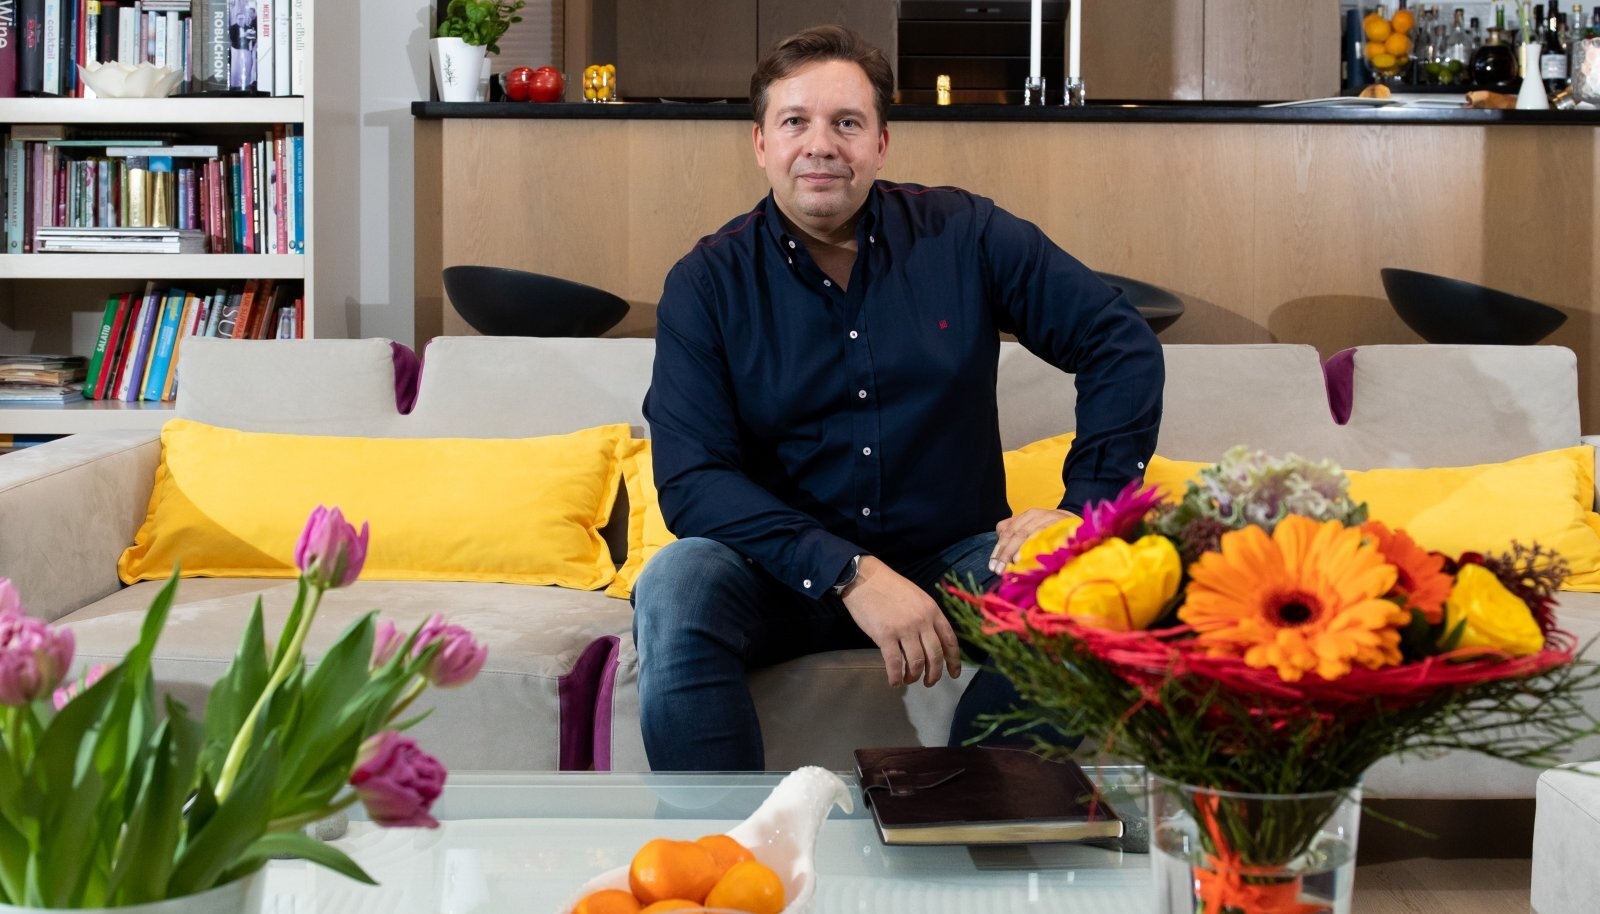 EESTI TELEMAASTIKU KUJUNDAJA Kaupo Karelson alustab innukalt oma uut, 26. teleaastat viie uue saatesarjaga, mis lähevad eetrisse kolmel Eesti telekanalil.